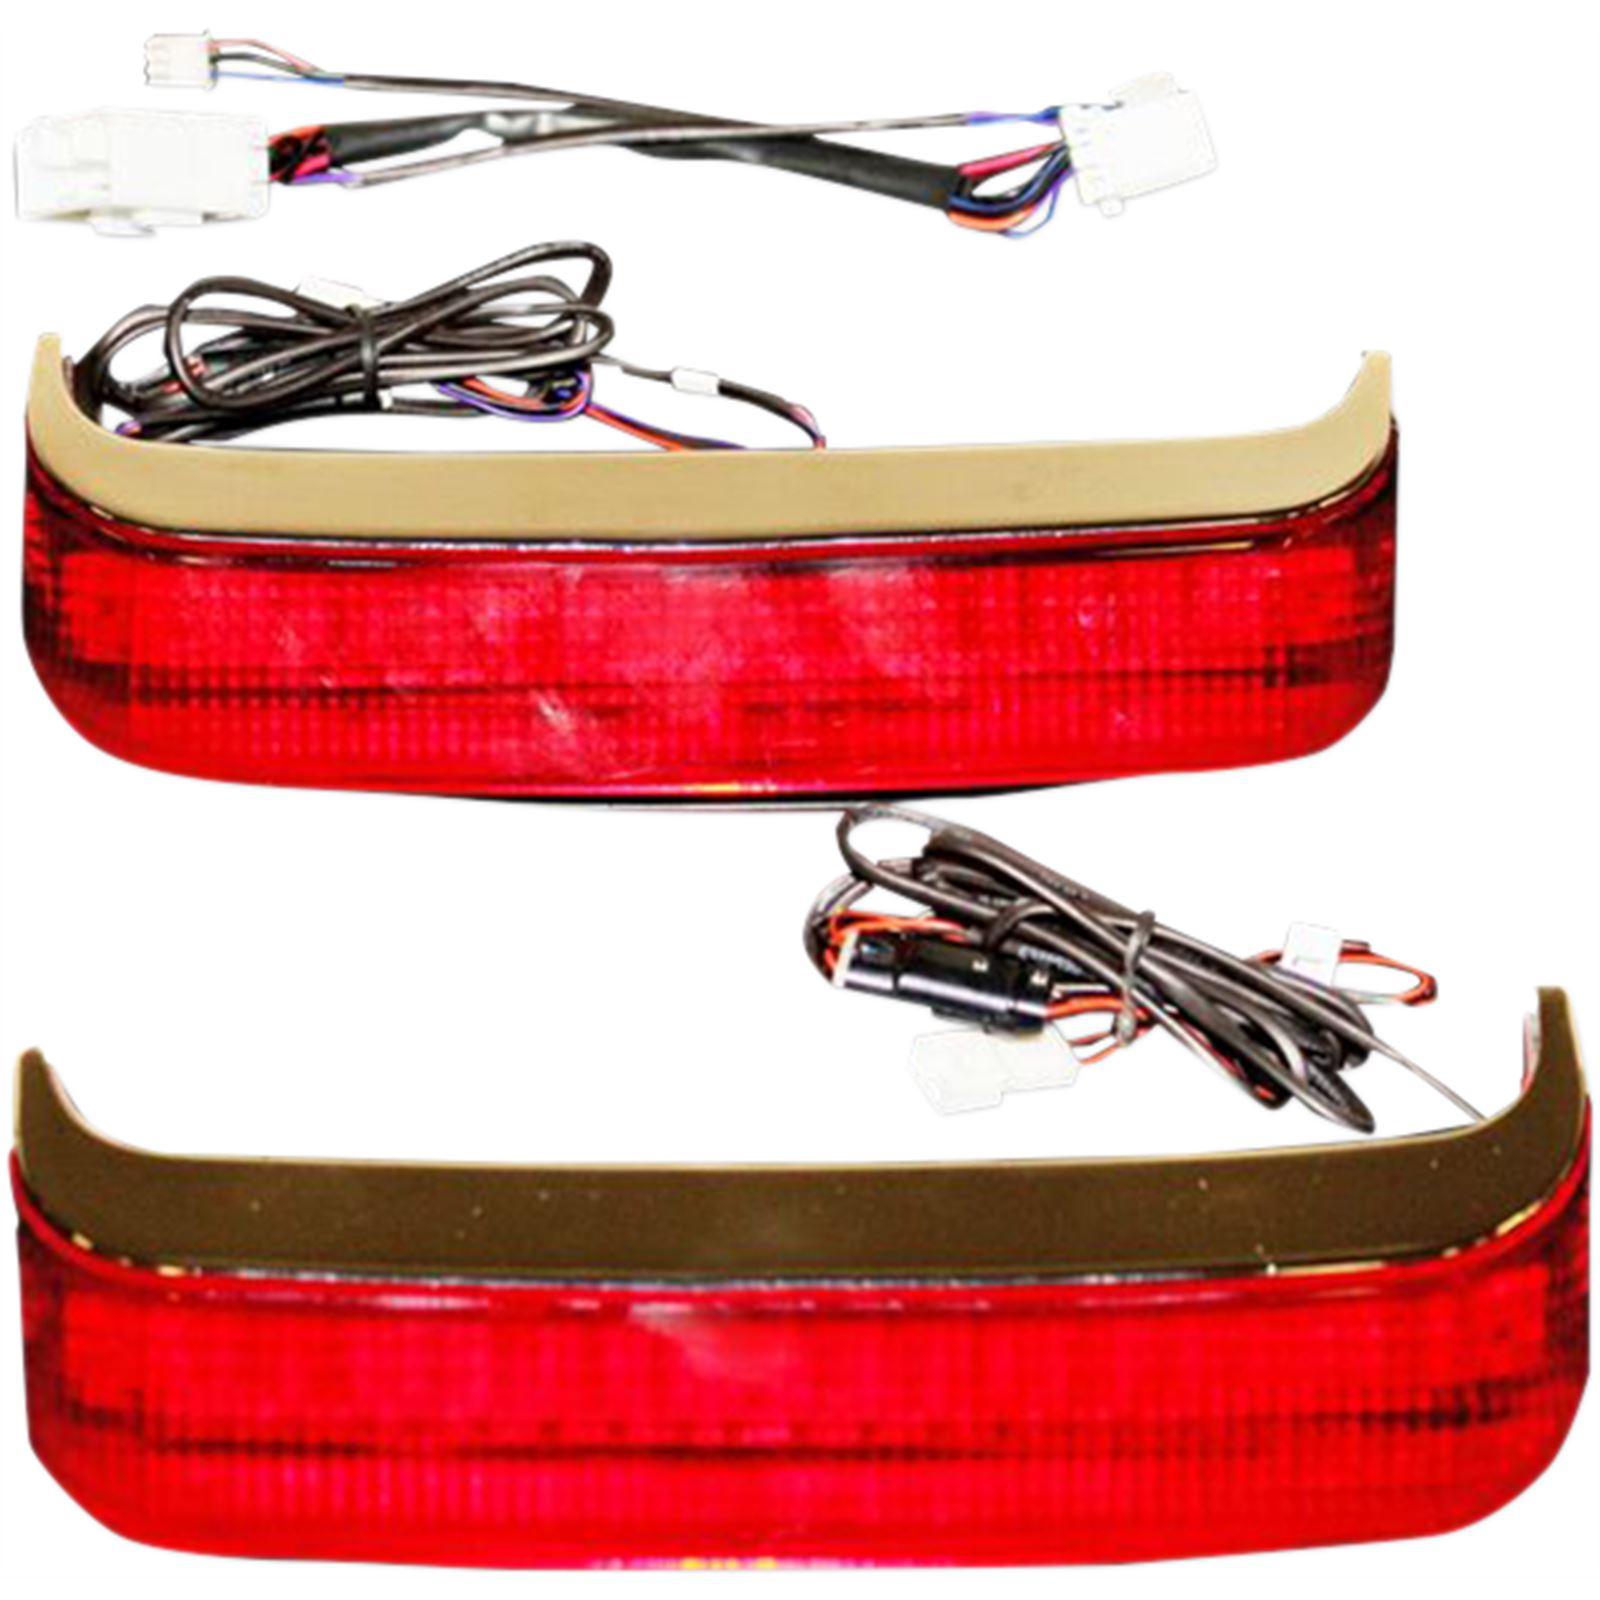 Custom Dynamics Saddlebag LED Lights - 14+ FLHT/R/X FLTRX/U - Chrome/Red